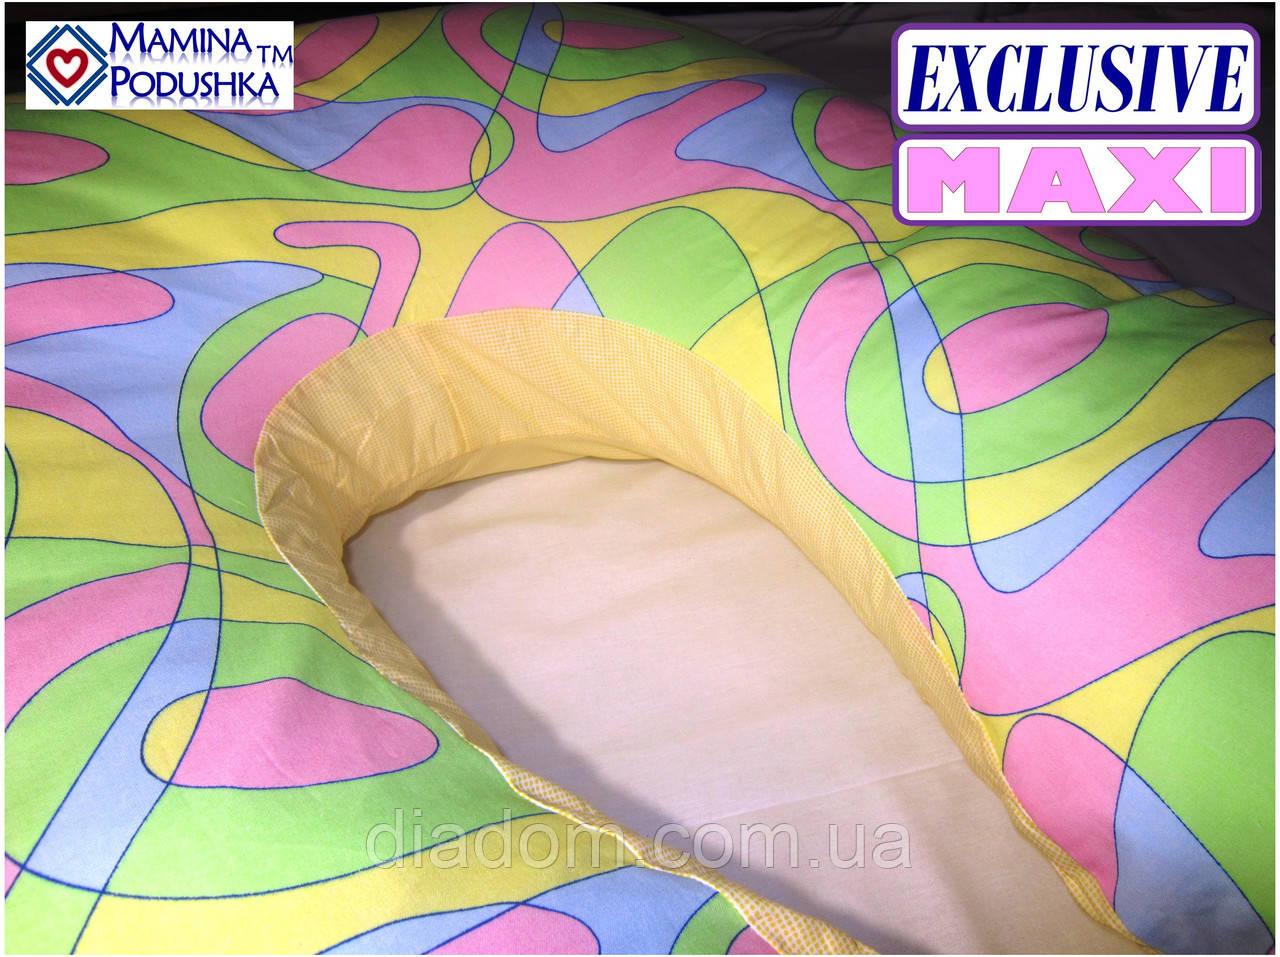 """Подушка для беременных Maxi Exclusive, в комплекте наволочка 2-сторонняя - поплин """"Весна""""+желт.точки"""